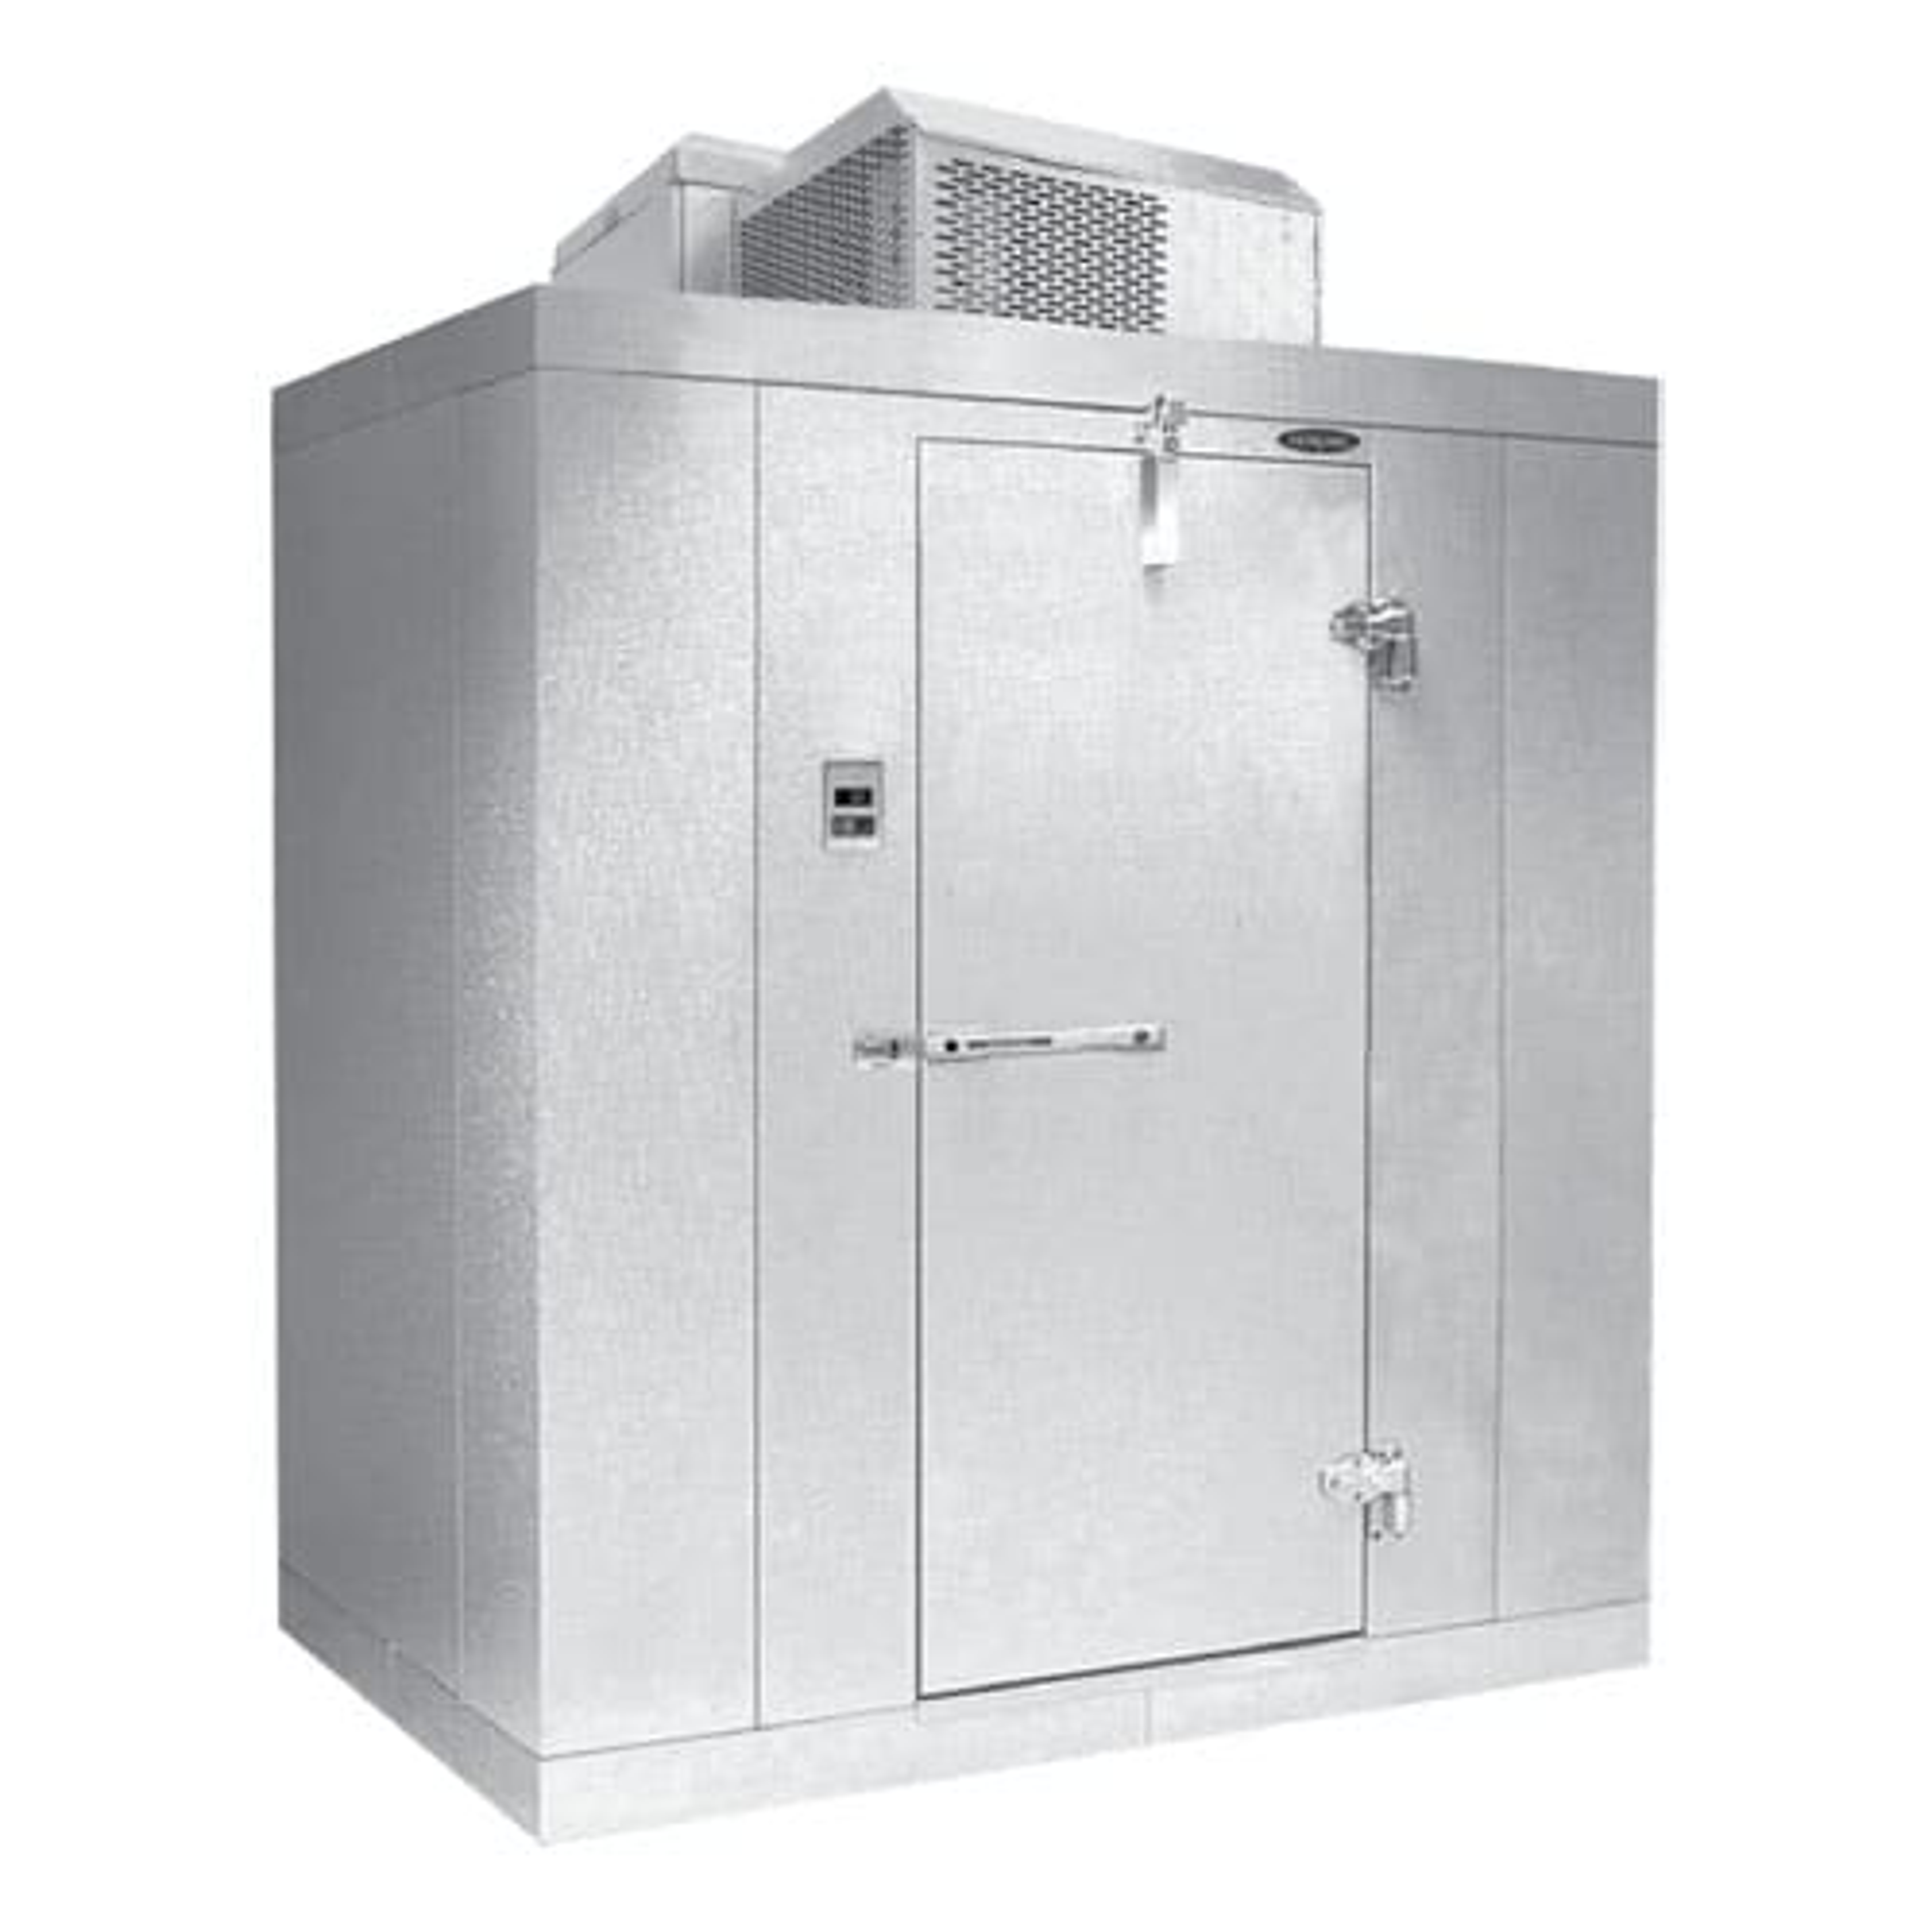 Norlake KLB77614-C Indoor Walk-In Refrigerator w/ Top Mount Compressor, 6' x 14'